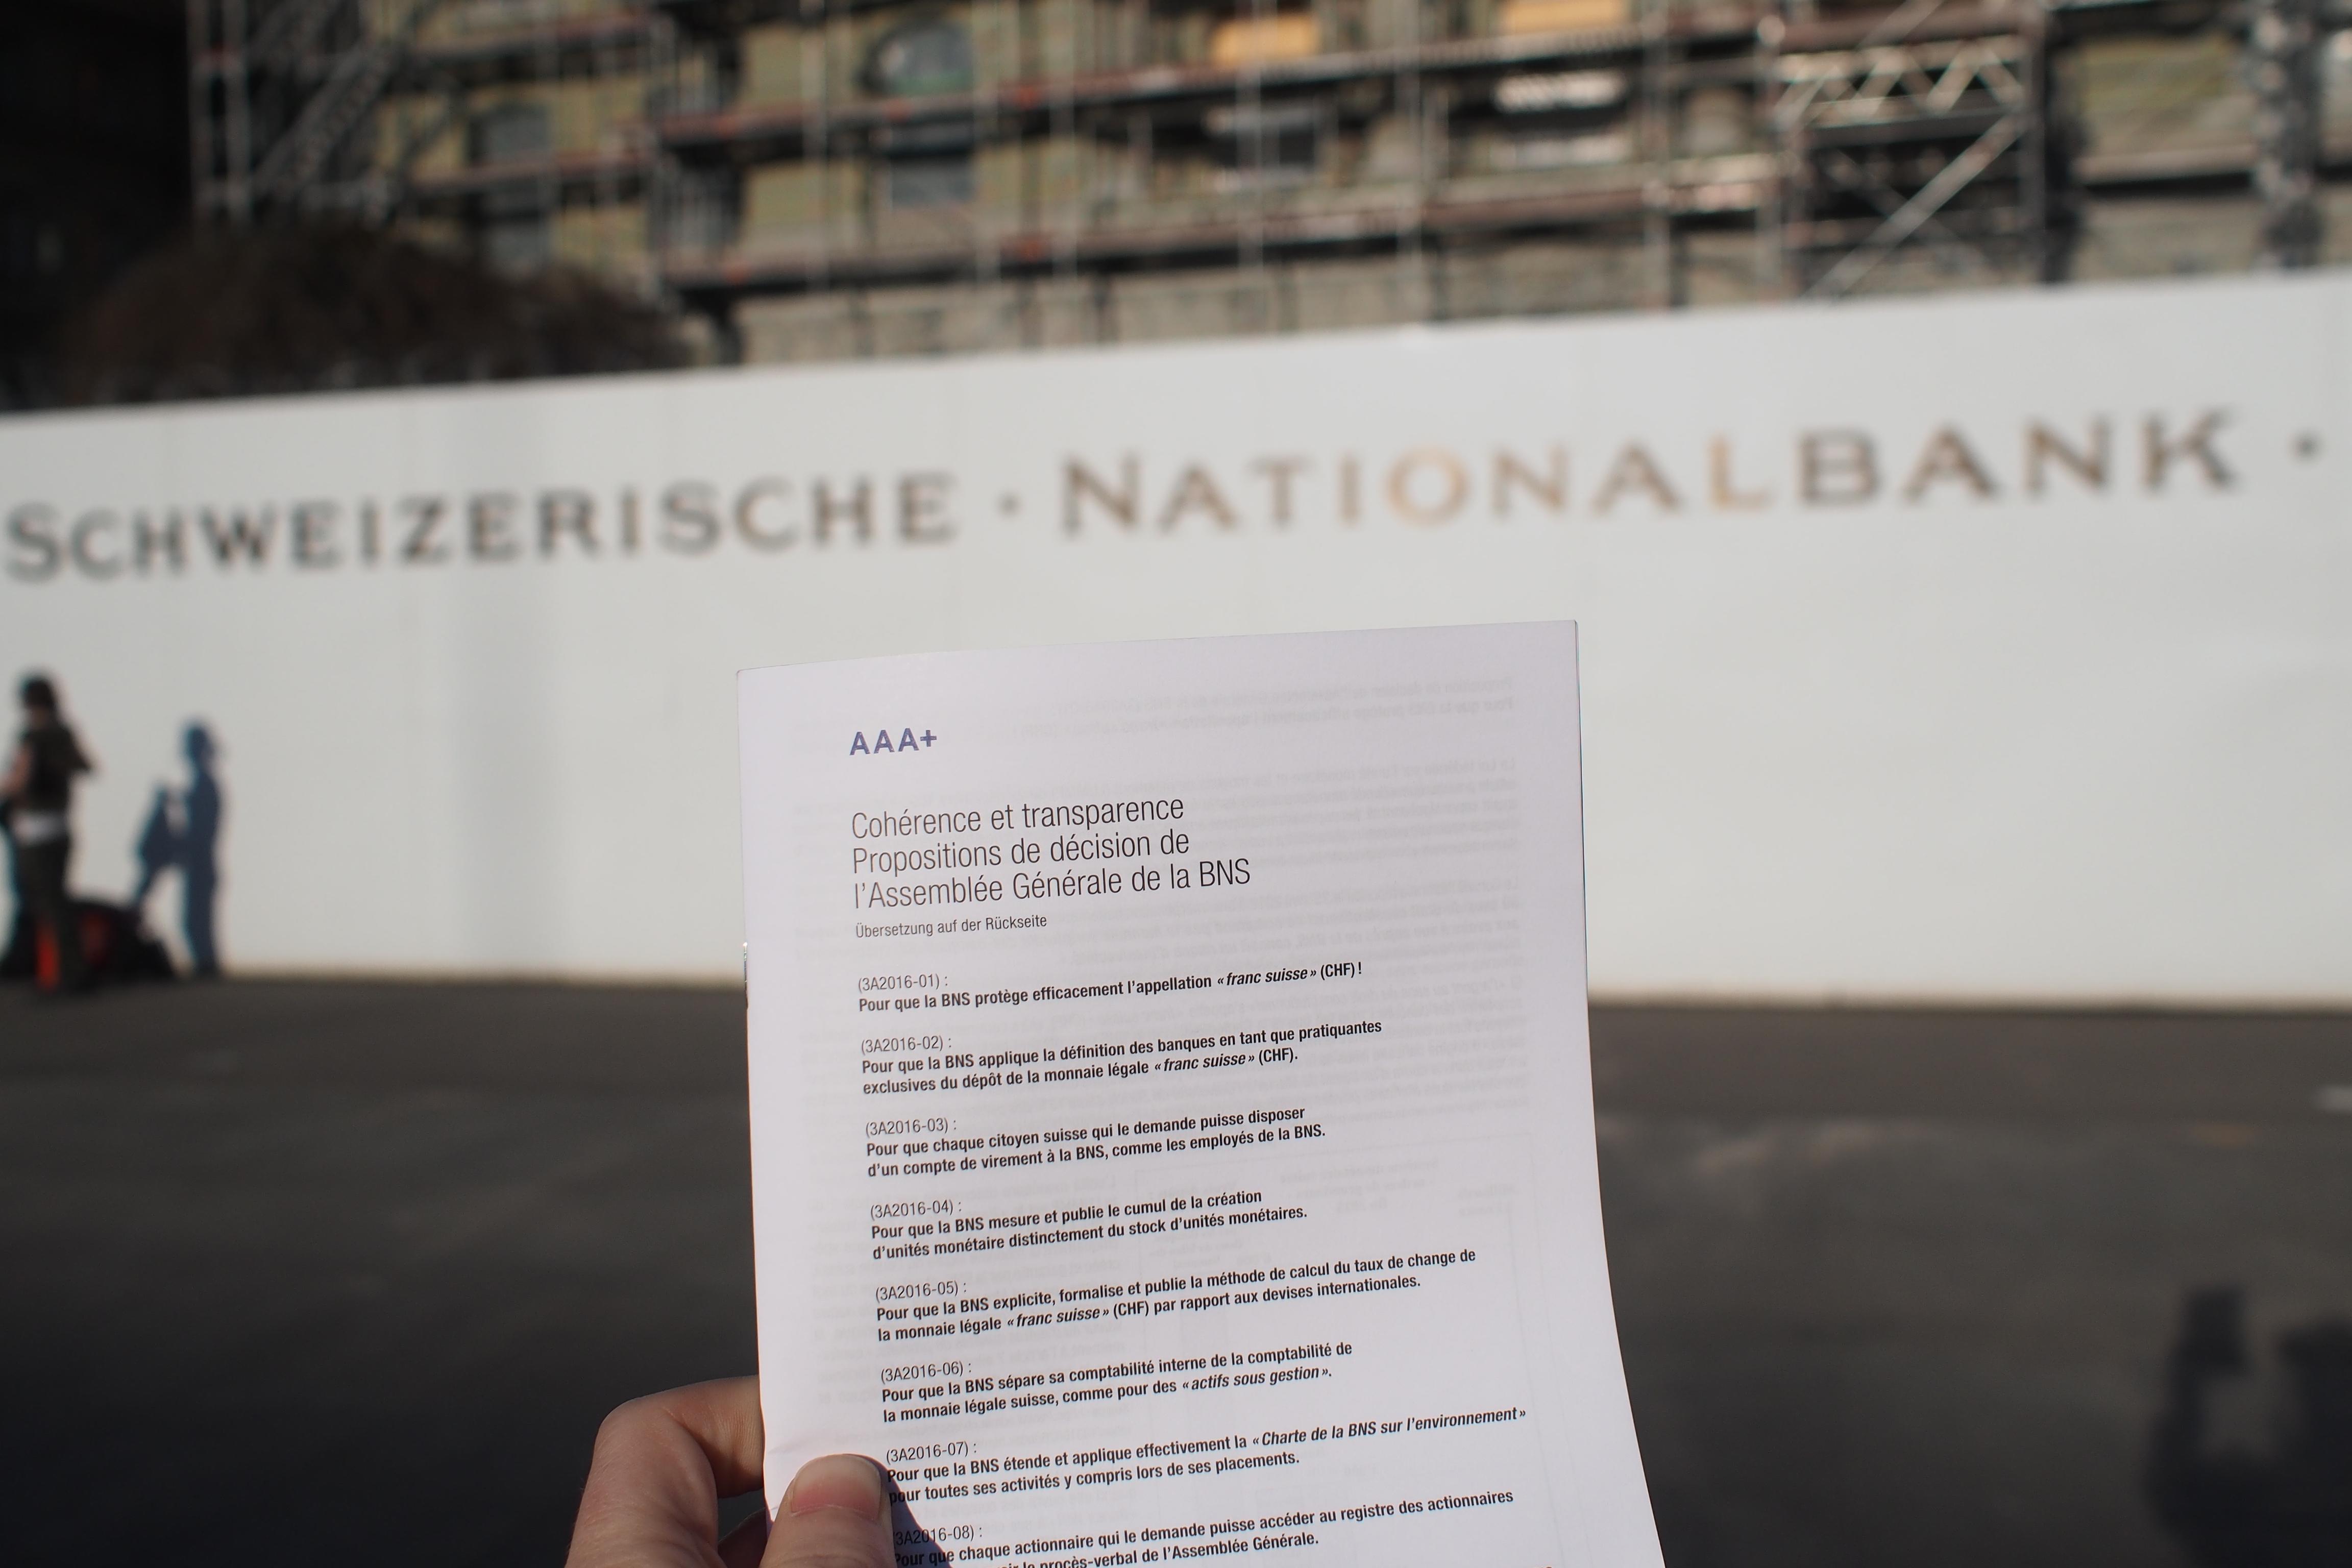 Banque Nationale Suisse Mur Et Aaa